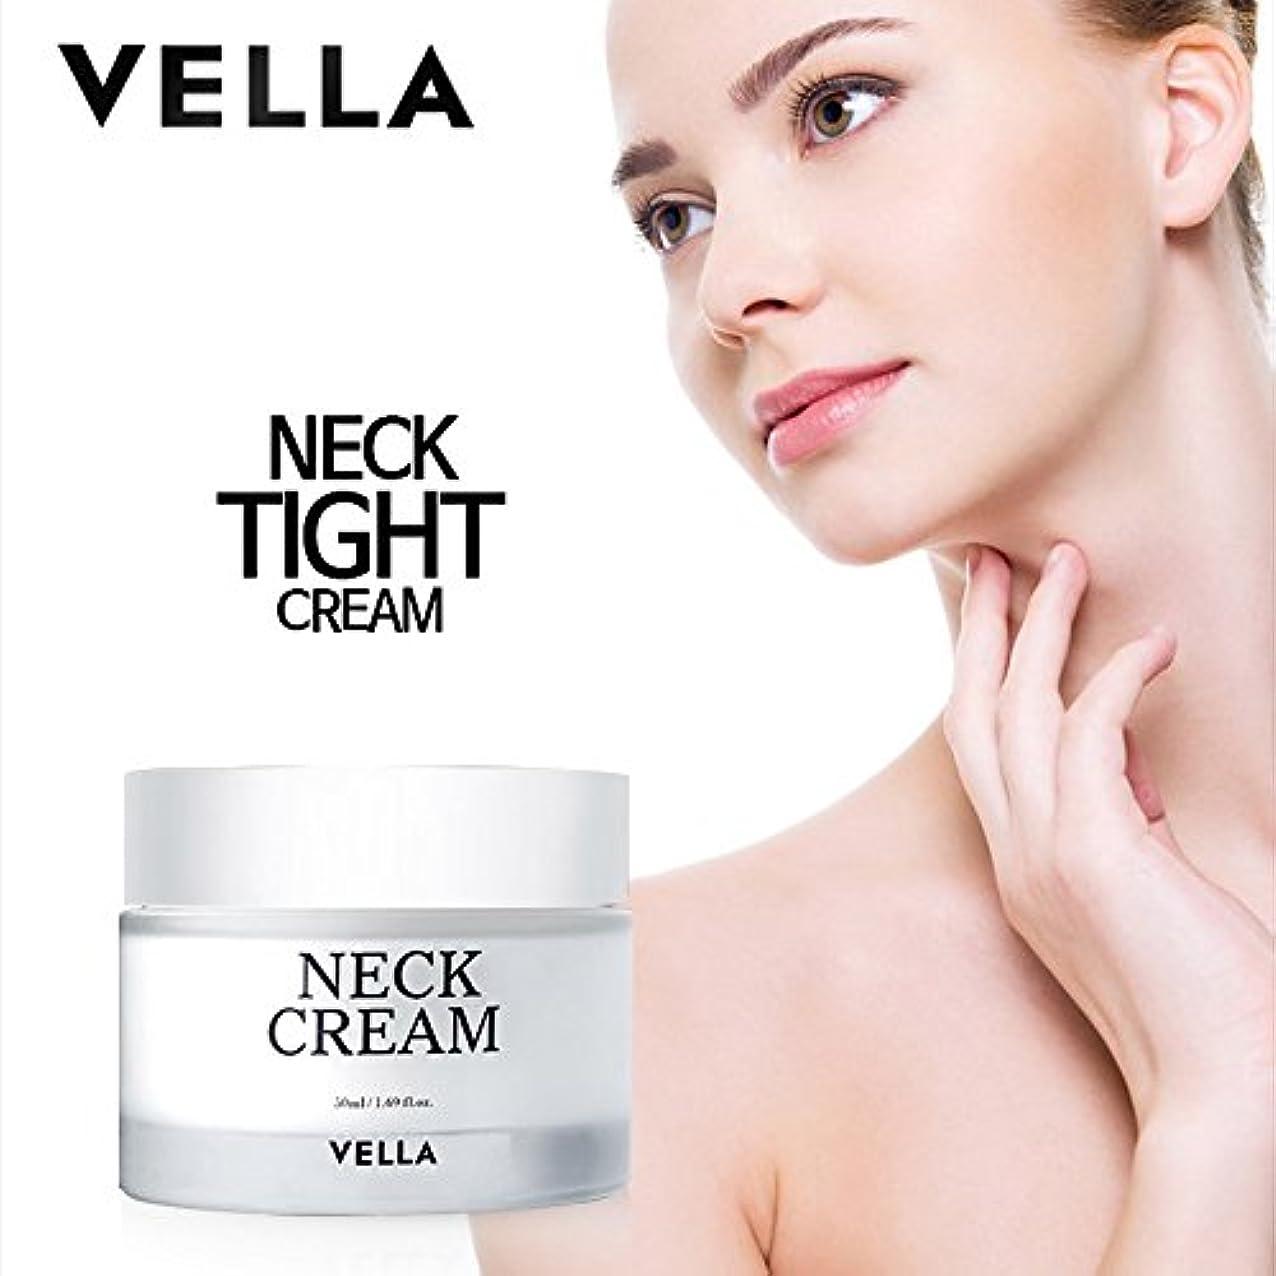 見かけ上どきどき単なるVELLA Anti Wrinkle & Whitening Strong Neck Cream(体がキレイvella首専用のクリーム) 50ml [並行輸入品]